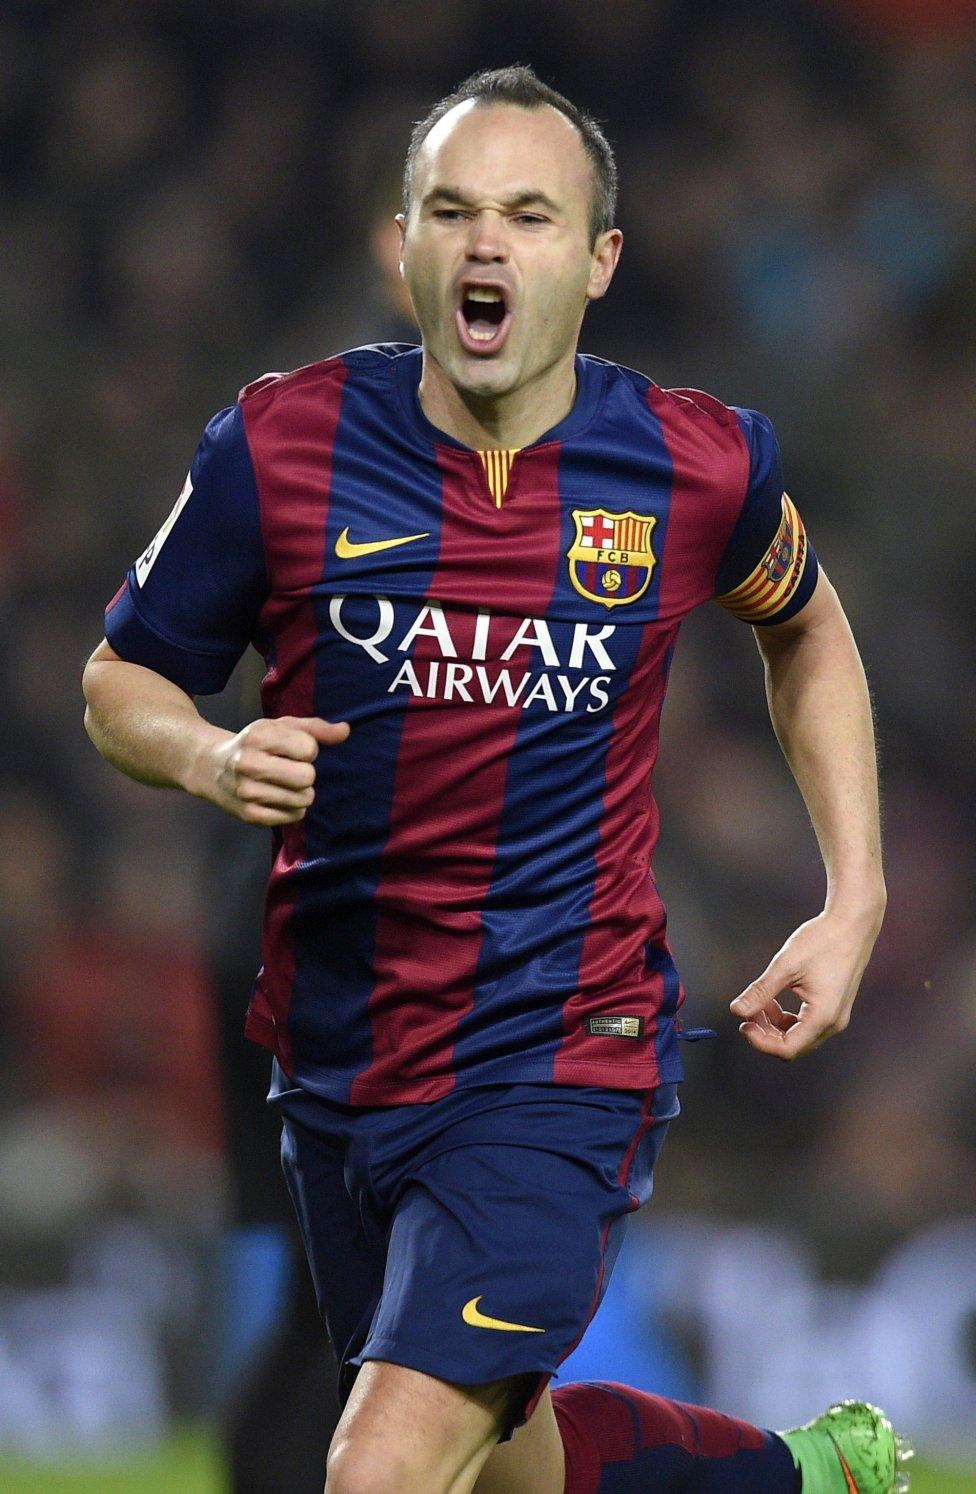 صور : مباراة برشلونة - فياريال 3-1 ( 11-02-2015 ) 1423680612_532186_1423687627_album_grande